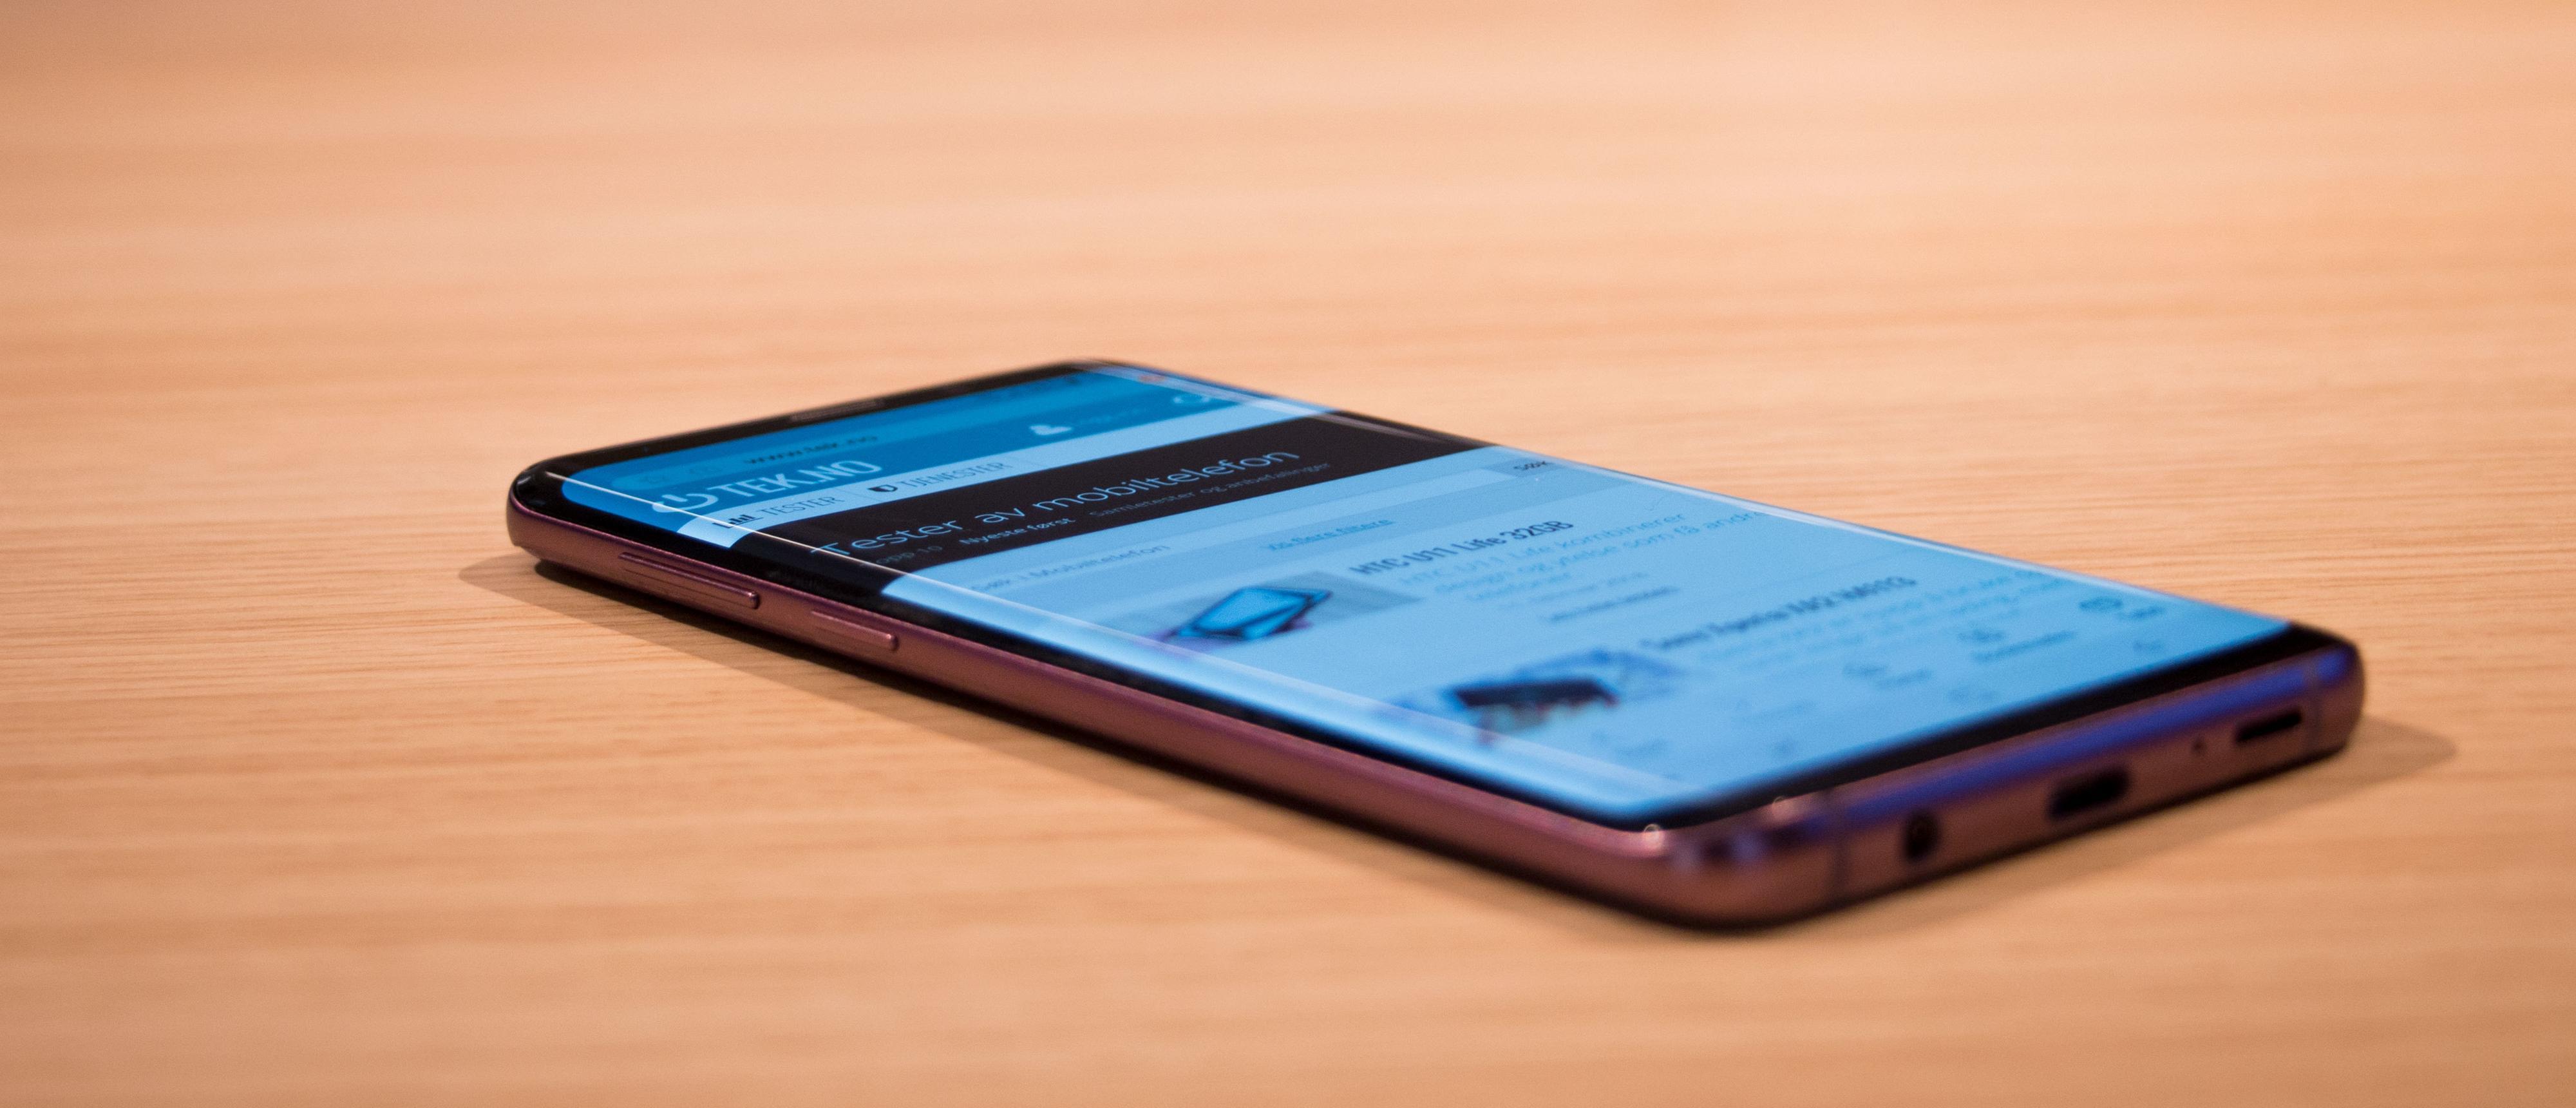 Rammen rundt har blitt bittelitt mindre over og under, men ellers ser de nye Galaxy-modellene veldig kjent ut. Her avbildet en rosa variant av Galaxy S9+.